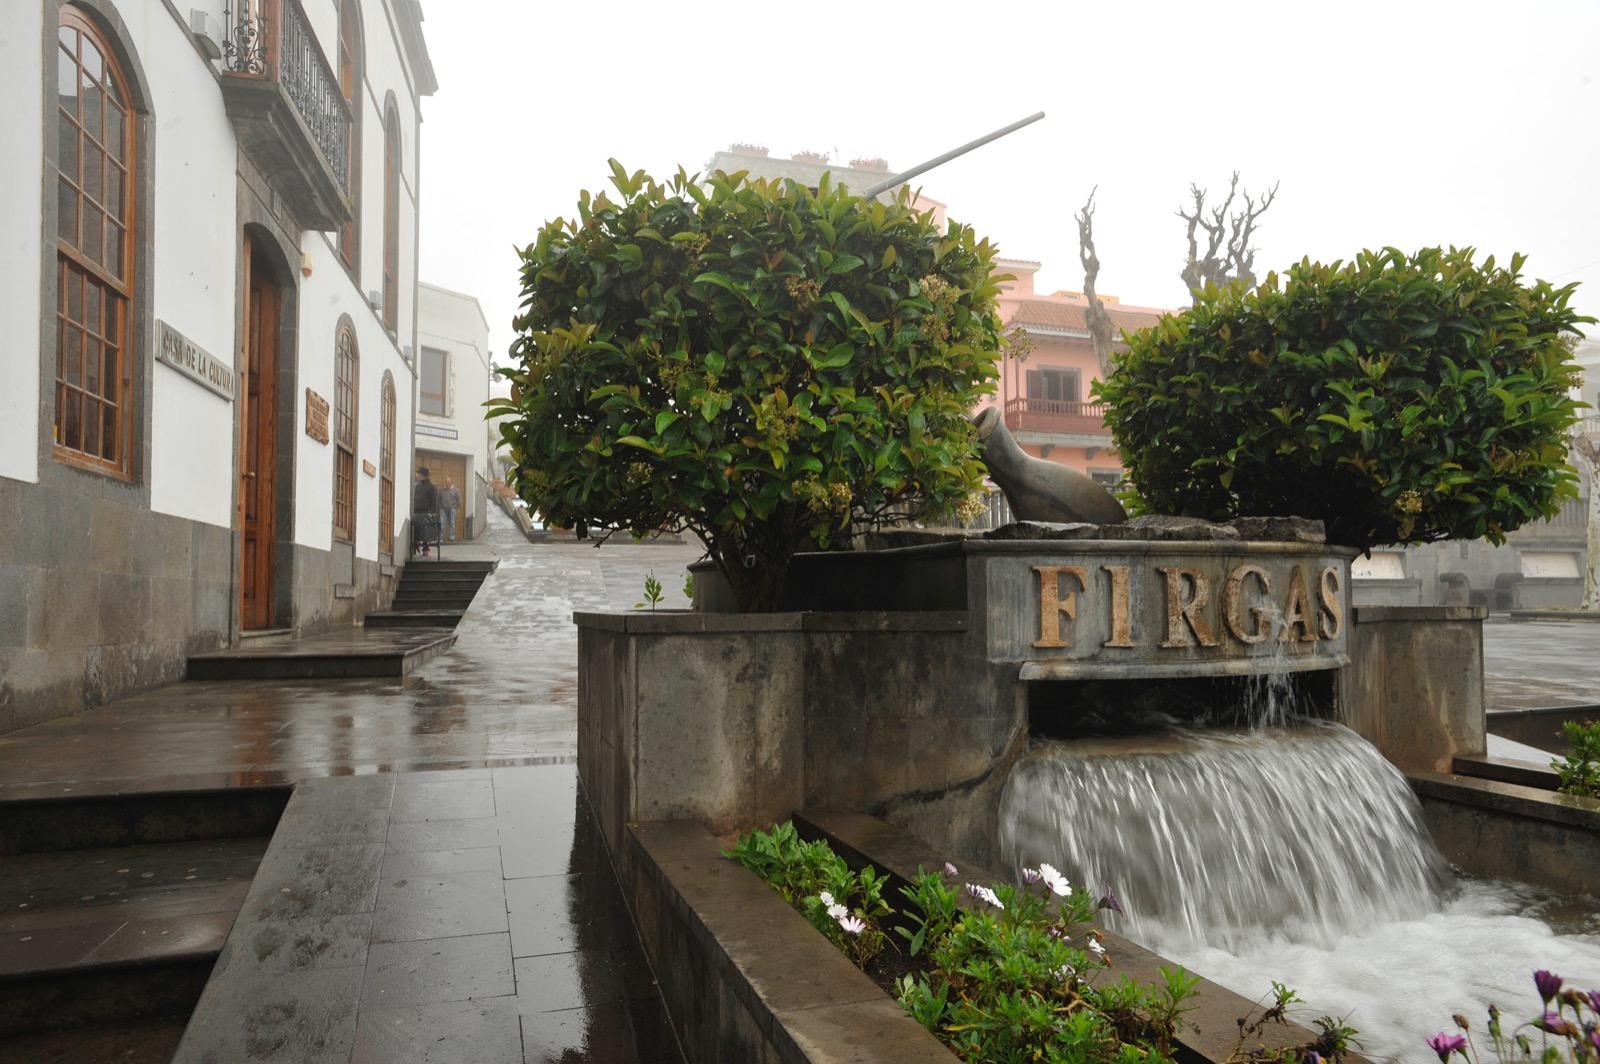 Patrimonio Cultural incluye un Centro de Interpretación en el proyecto del Museo del Agua de Firgas